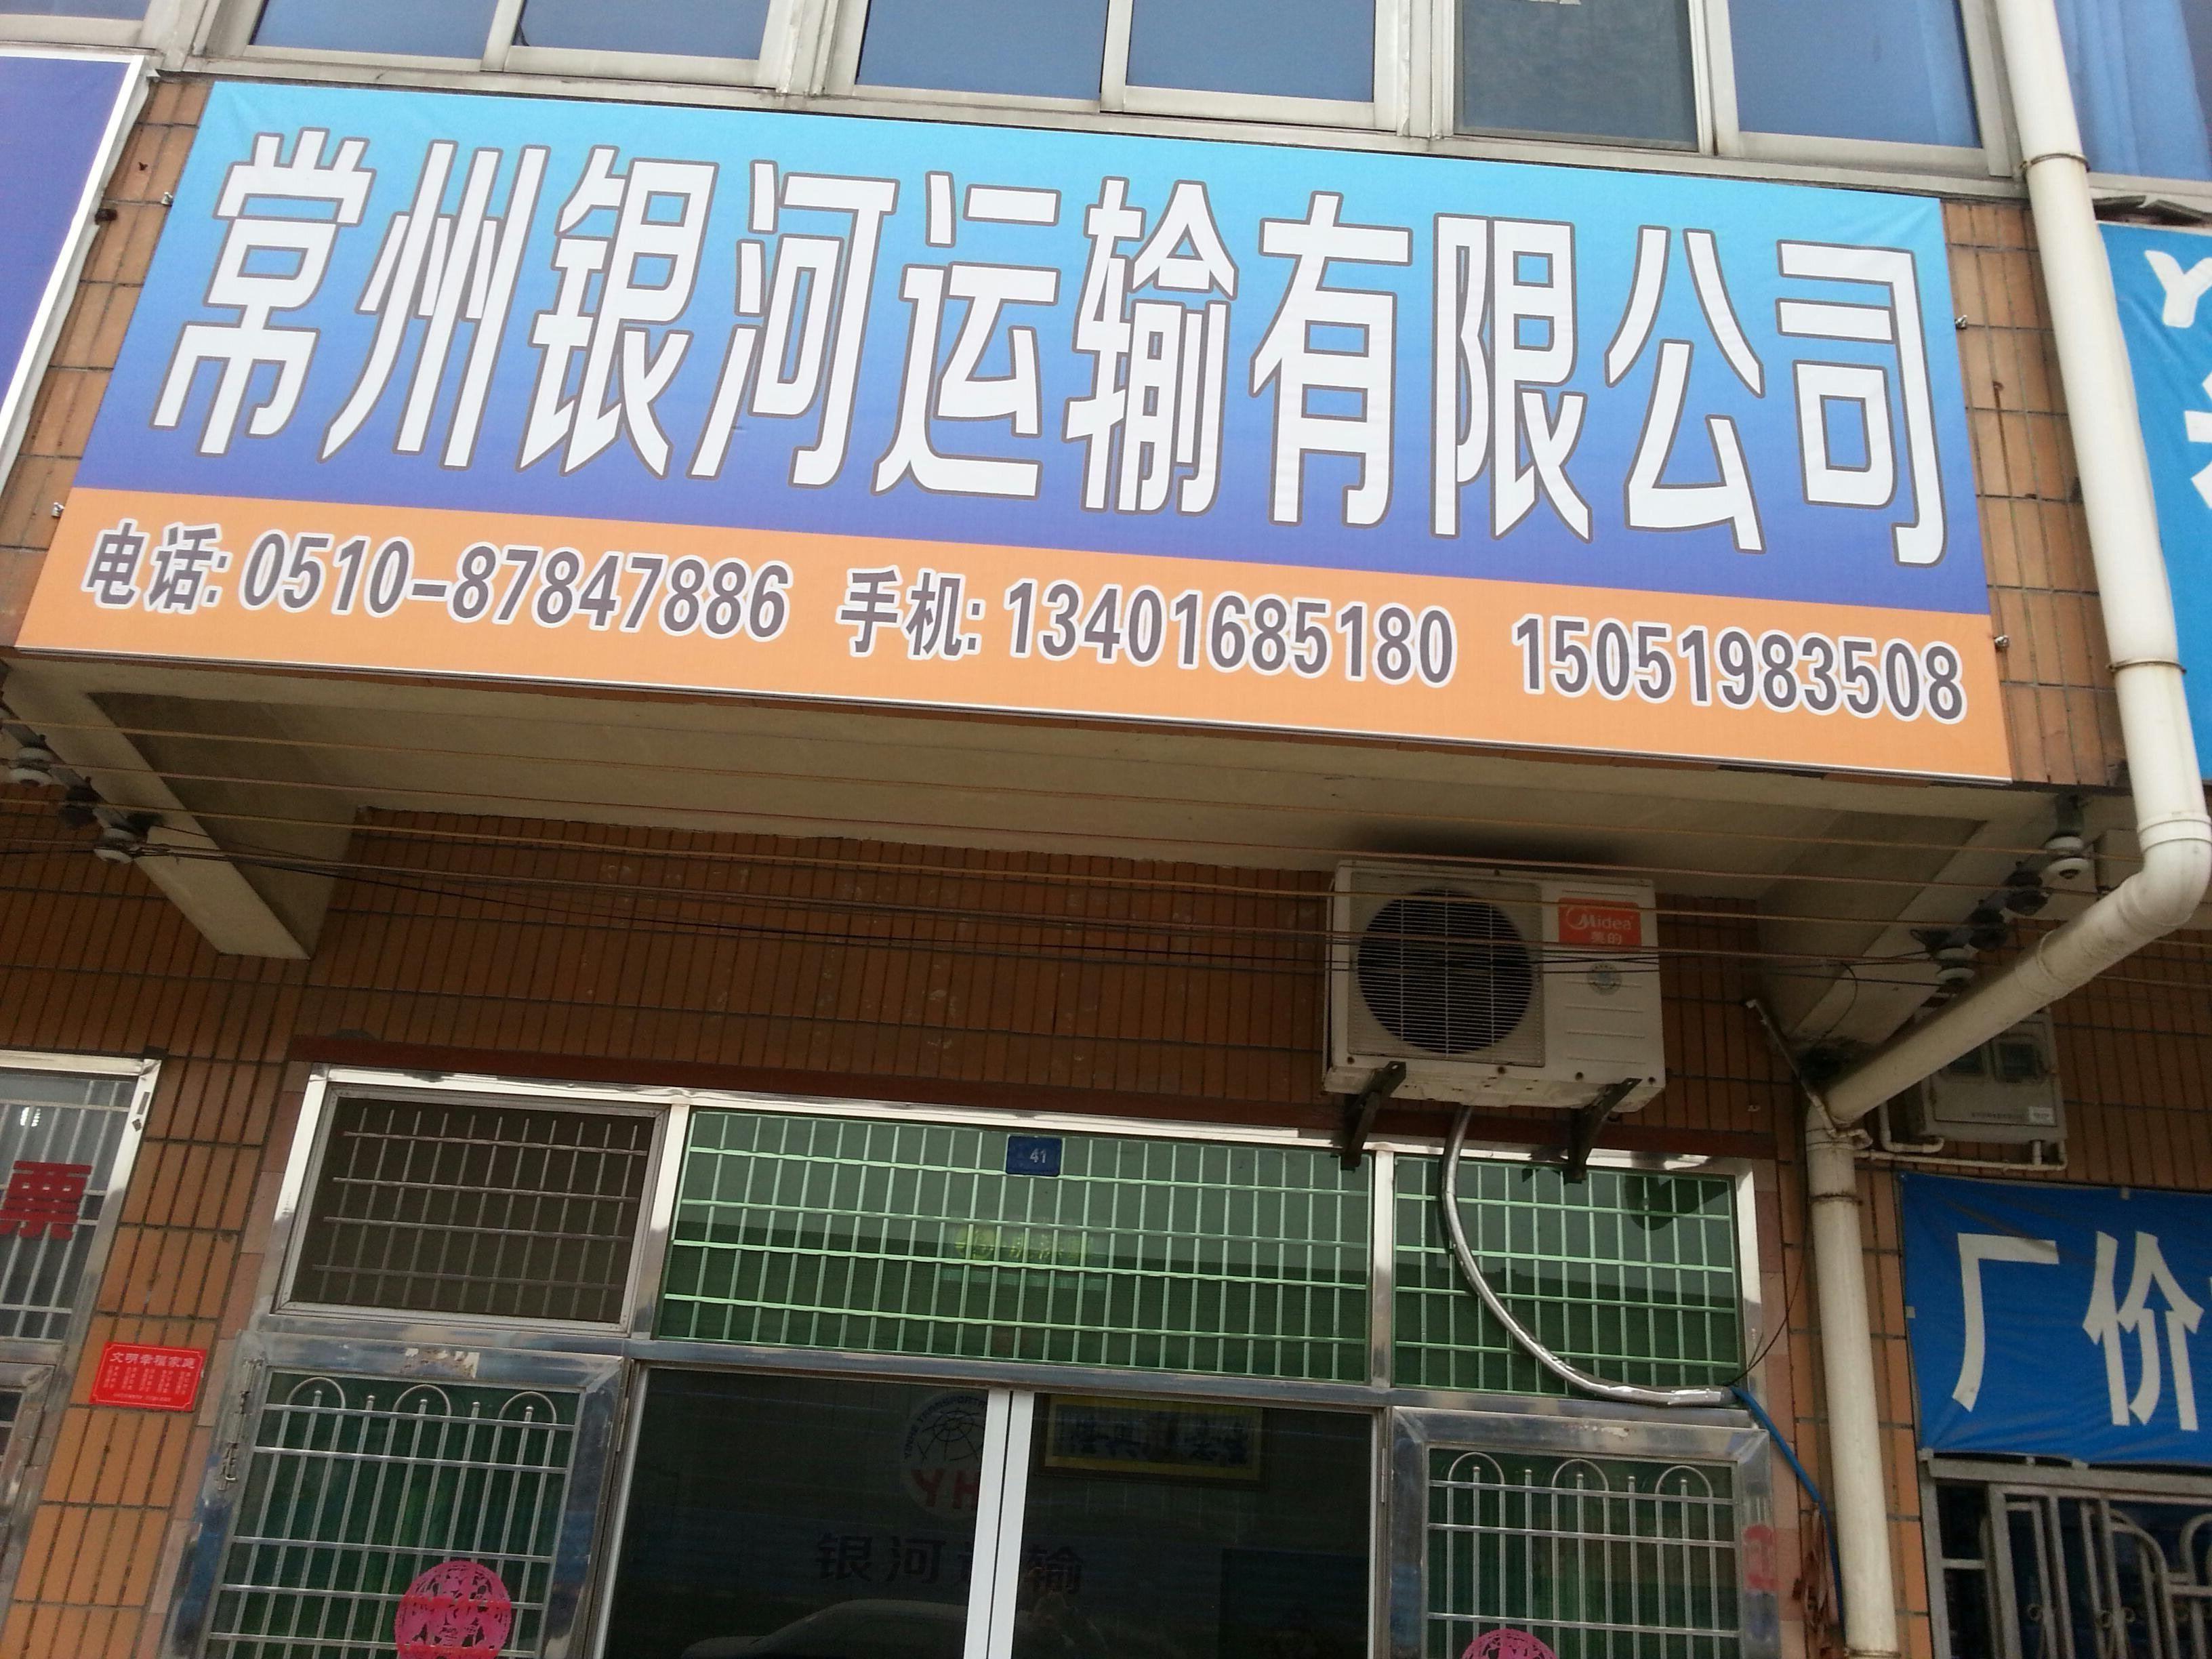 常州到邢台物流专线(江苏银河运输有限公司)